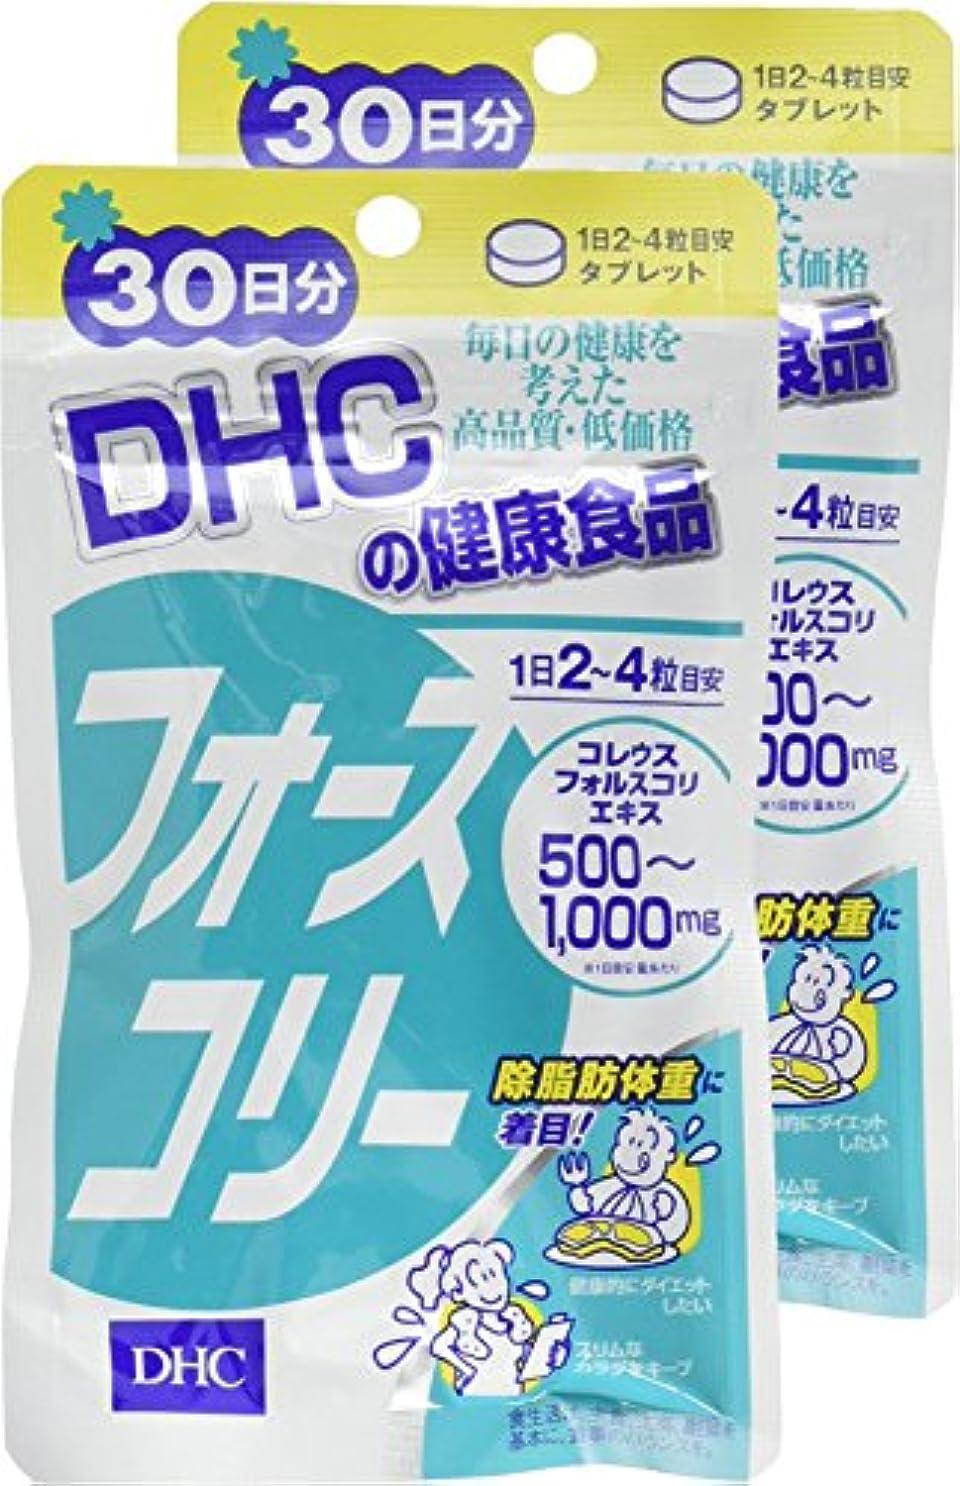 ソロプレゼント支払うDHC フォースコリー 30日分 120粒 ×2個セット